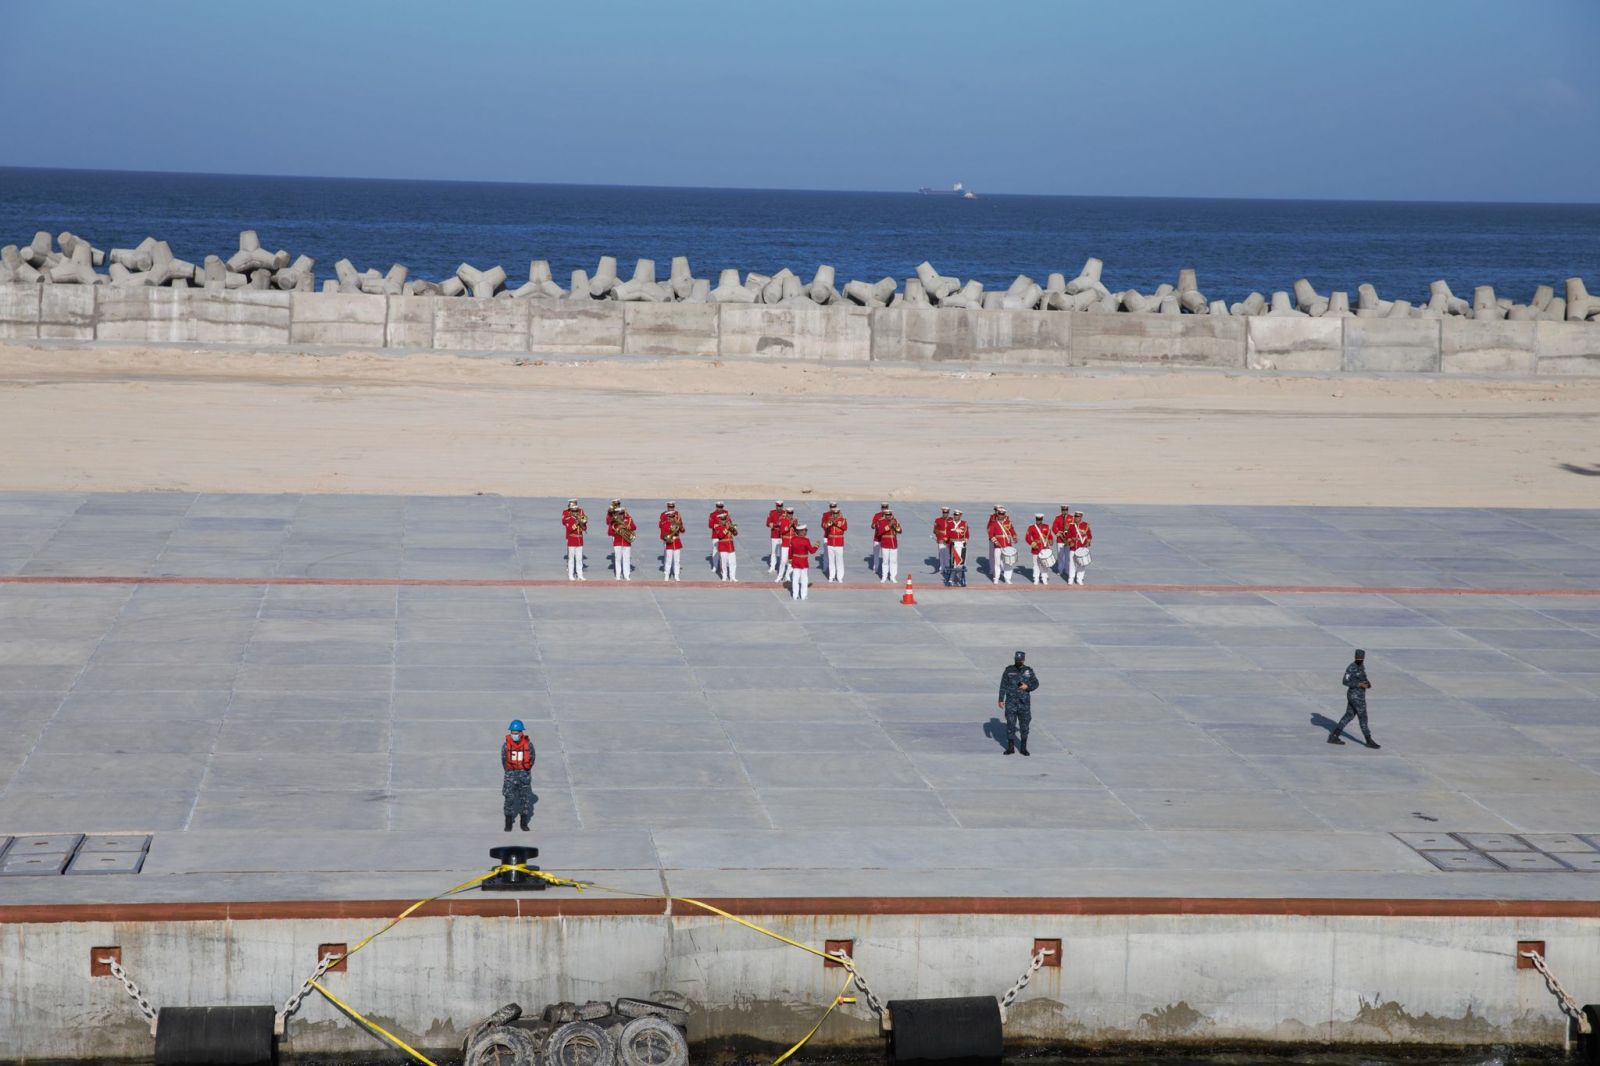 """ГАЛЕРИЯ: Фрегата 11 """"Смели"""" в операция Sea Guardian в Средиземно море и вмб Александрия (Египет)"""